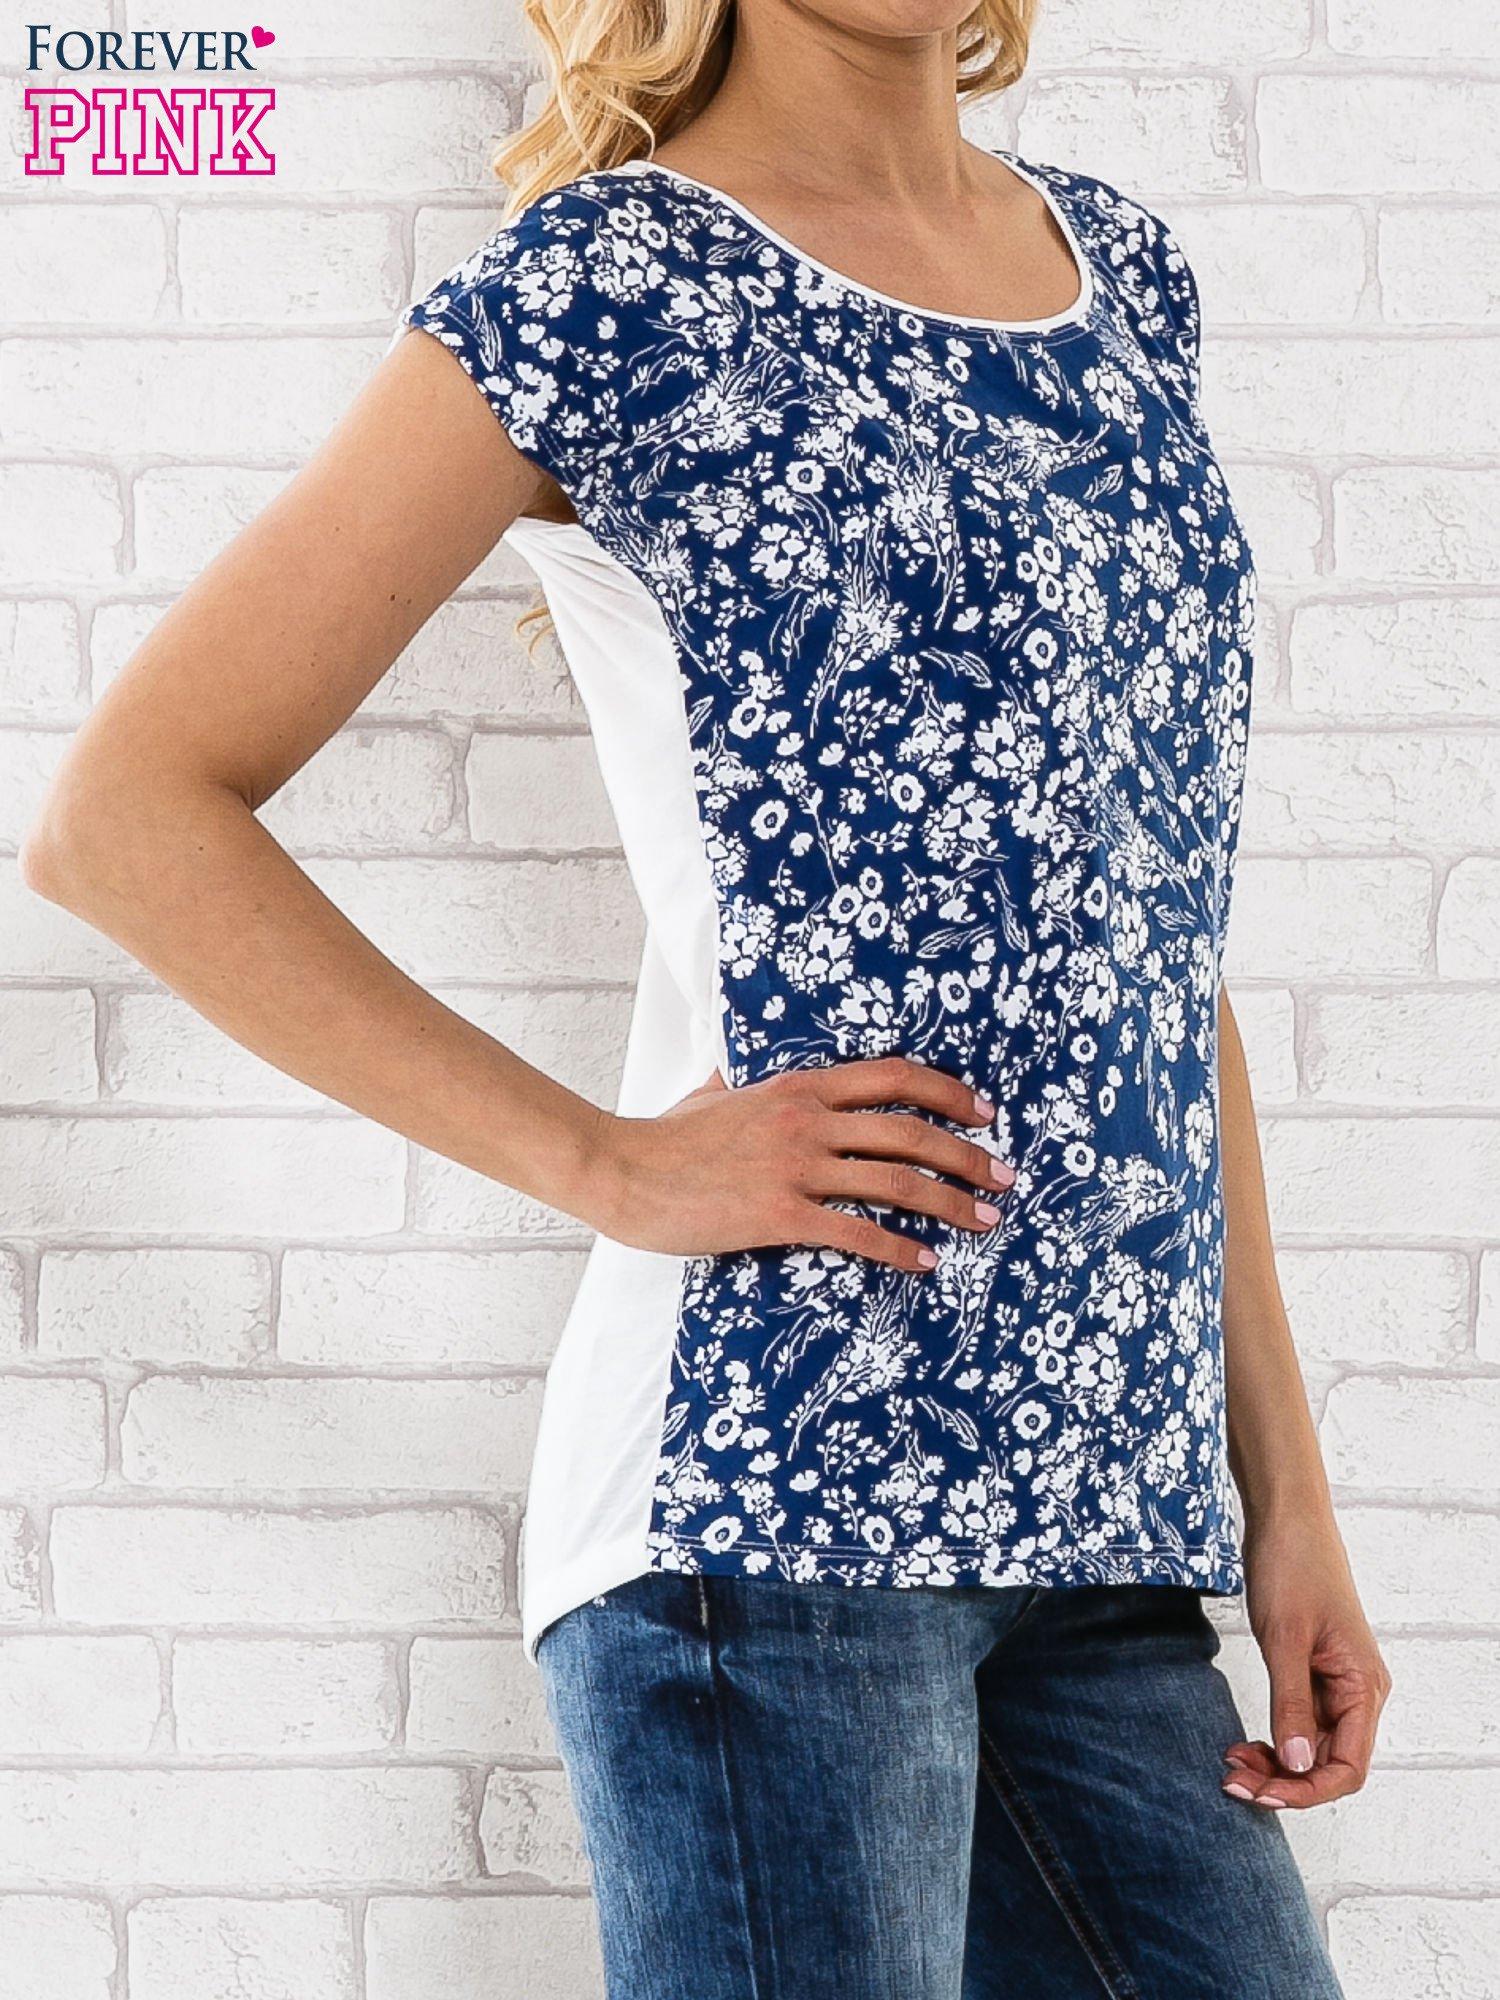 Granatowy t-shirt z białym kwiatowym motywem                                  zdj.                                  3